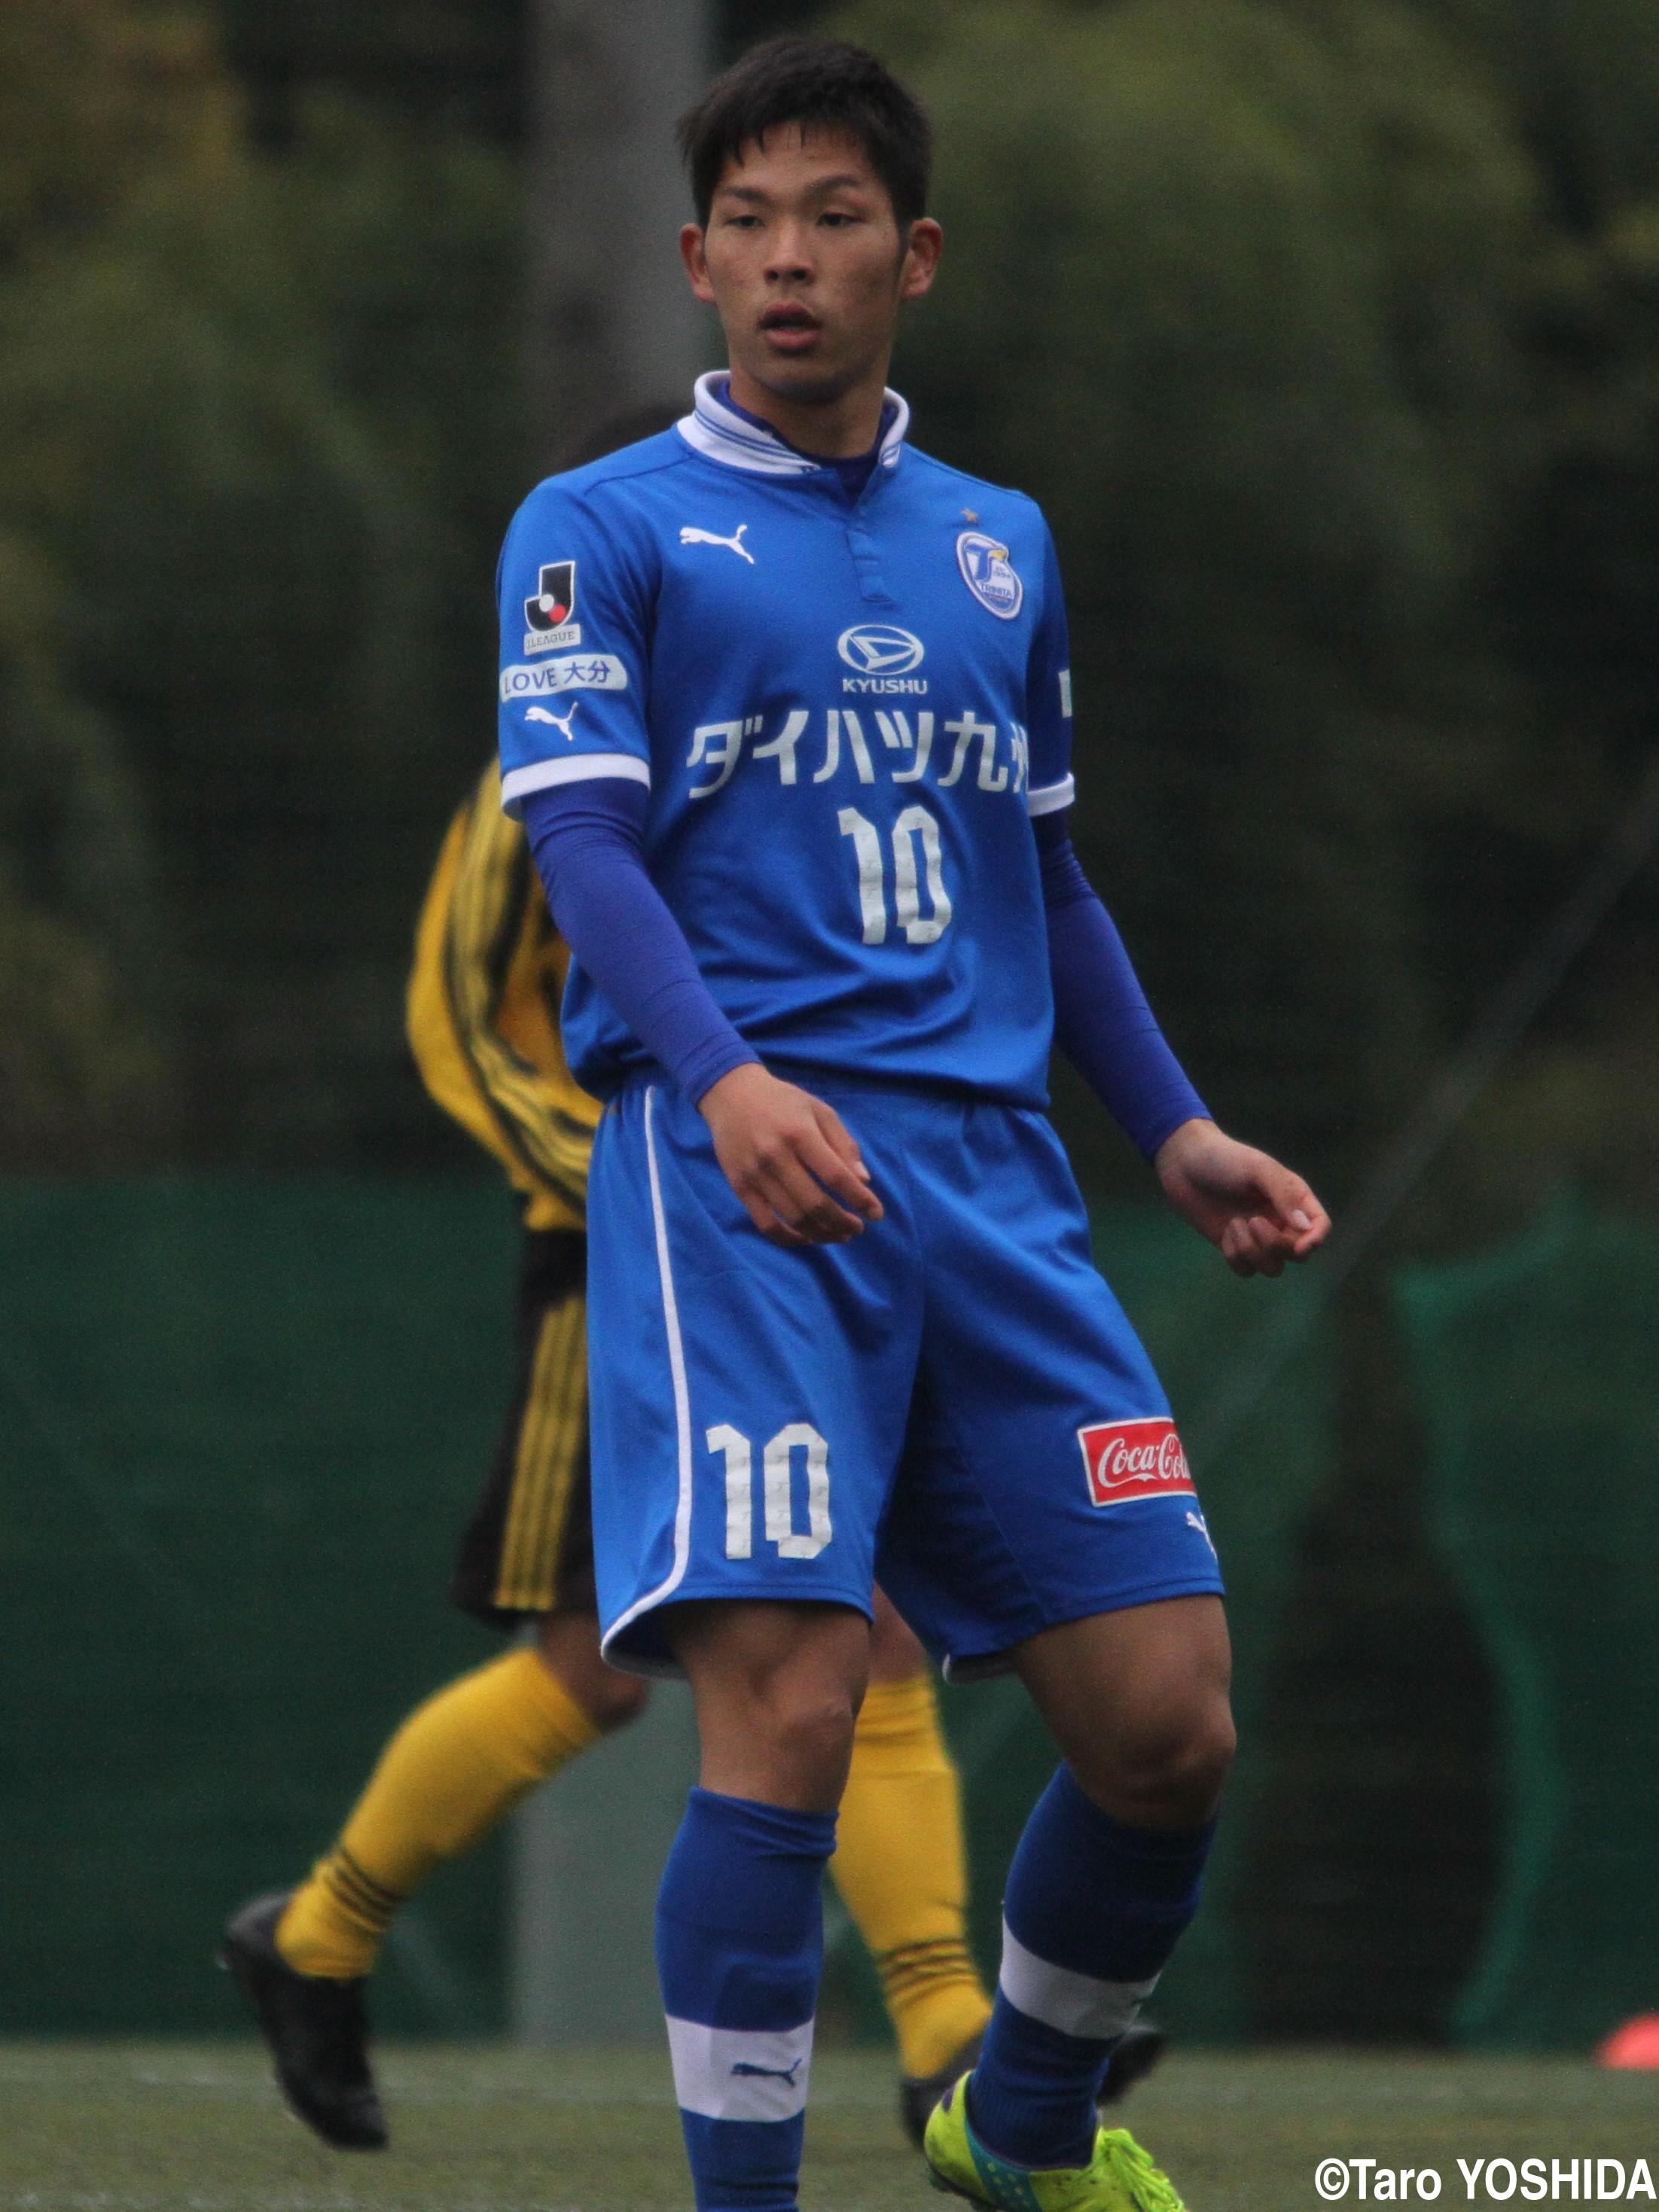 大分U-18からの飛躍期待される新たな才能、U-18日本代表MF岩田智輝(4枚)